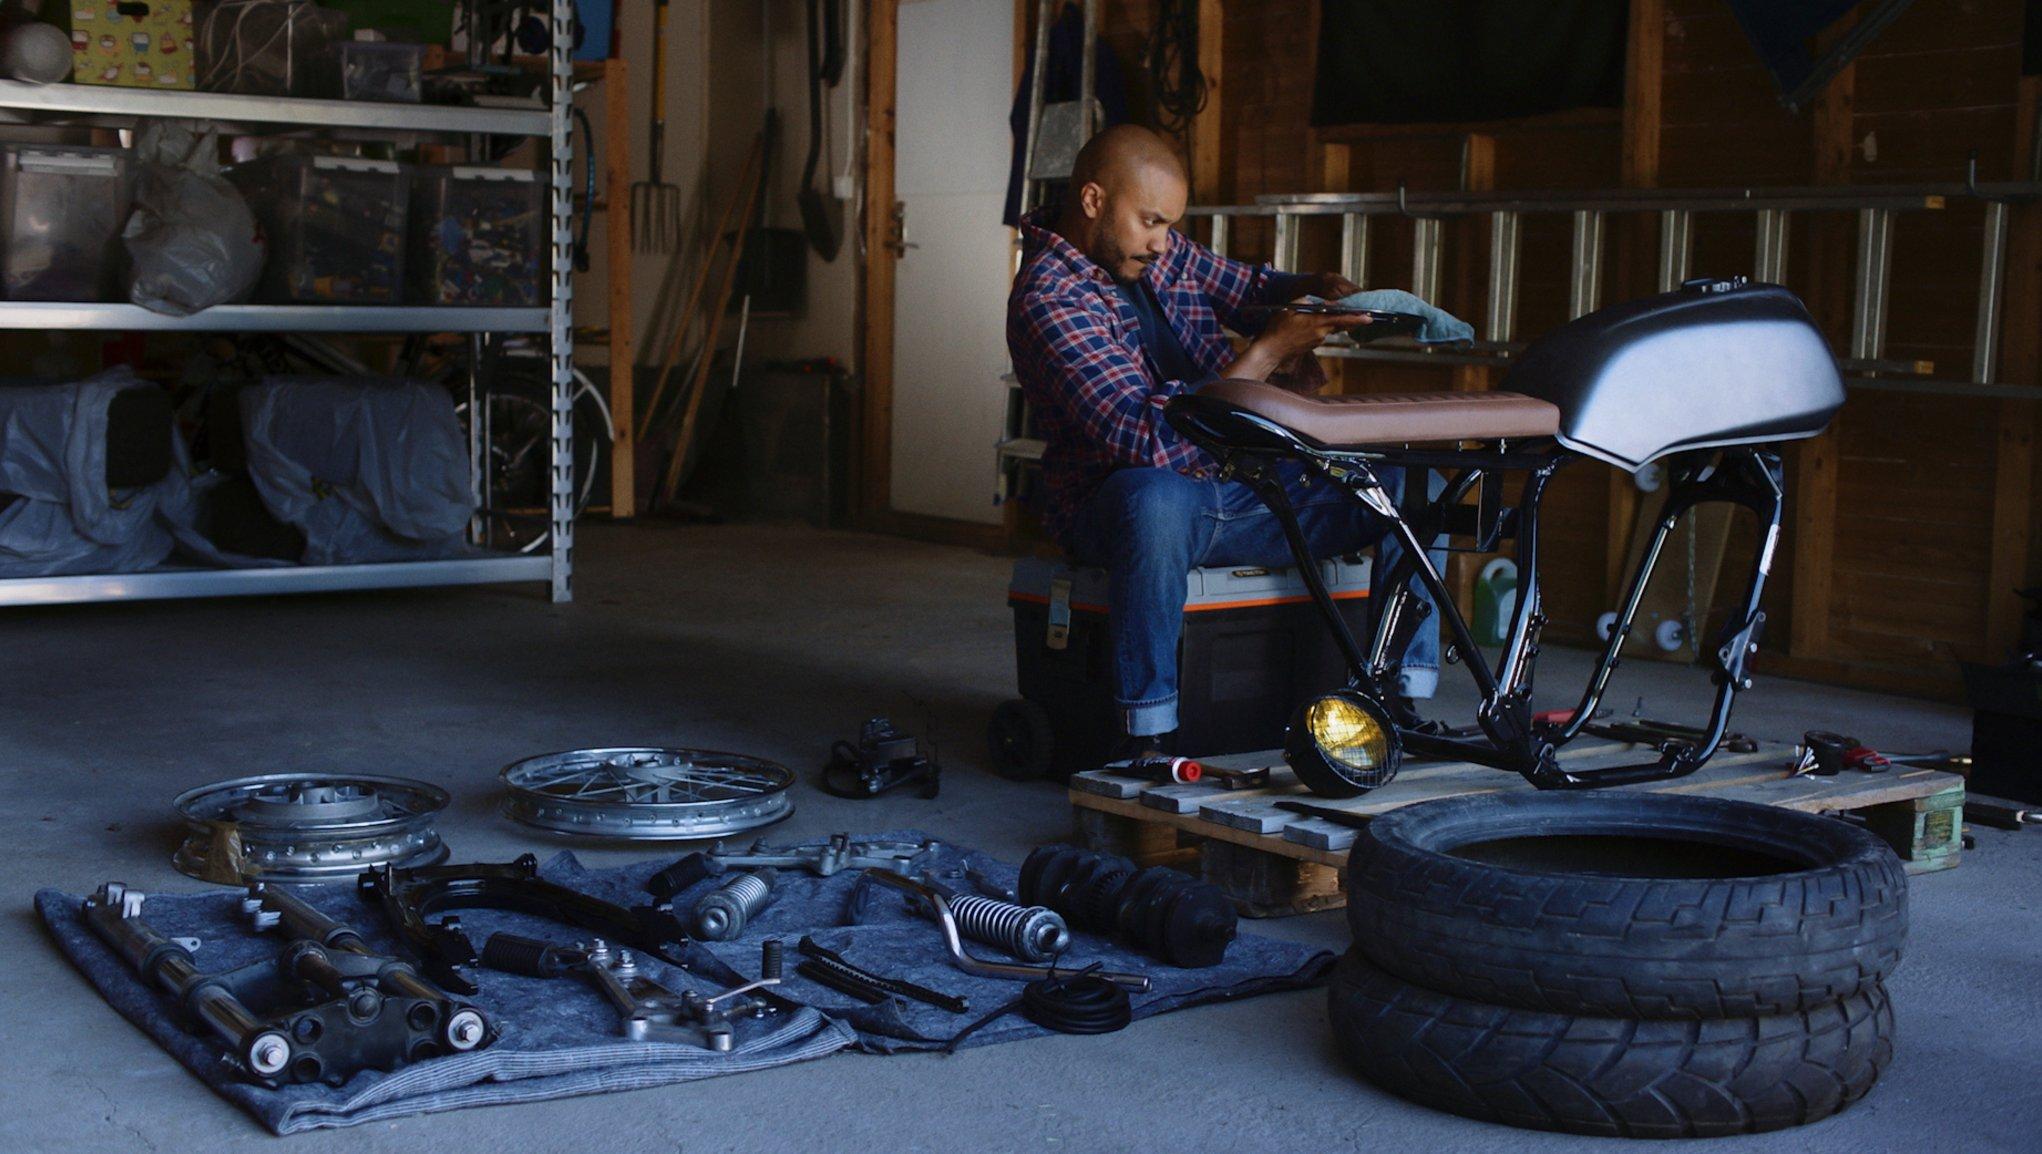 Mies kokoaa moottoripyörää tallissa